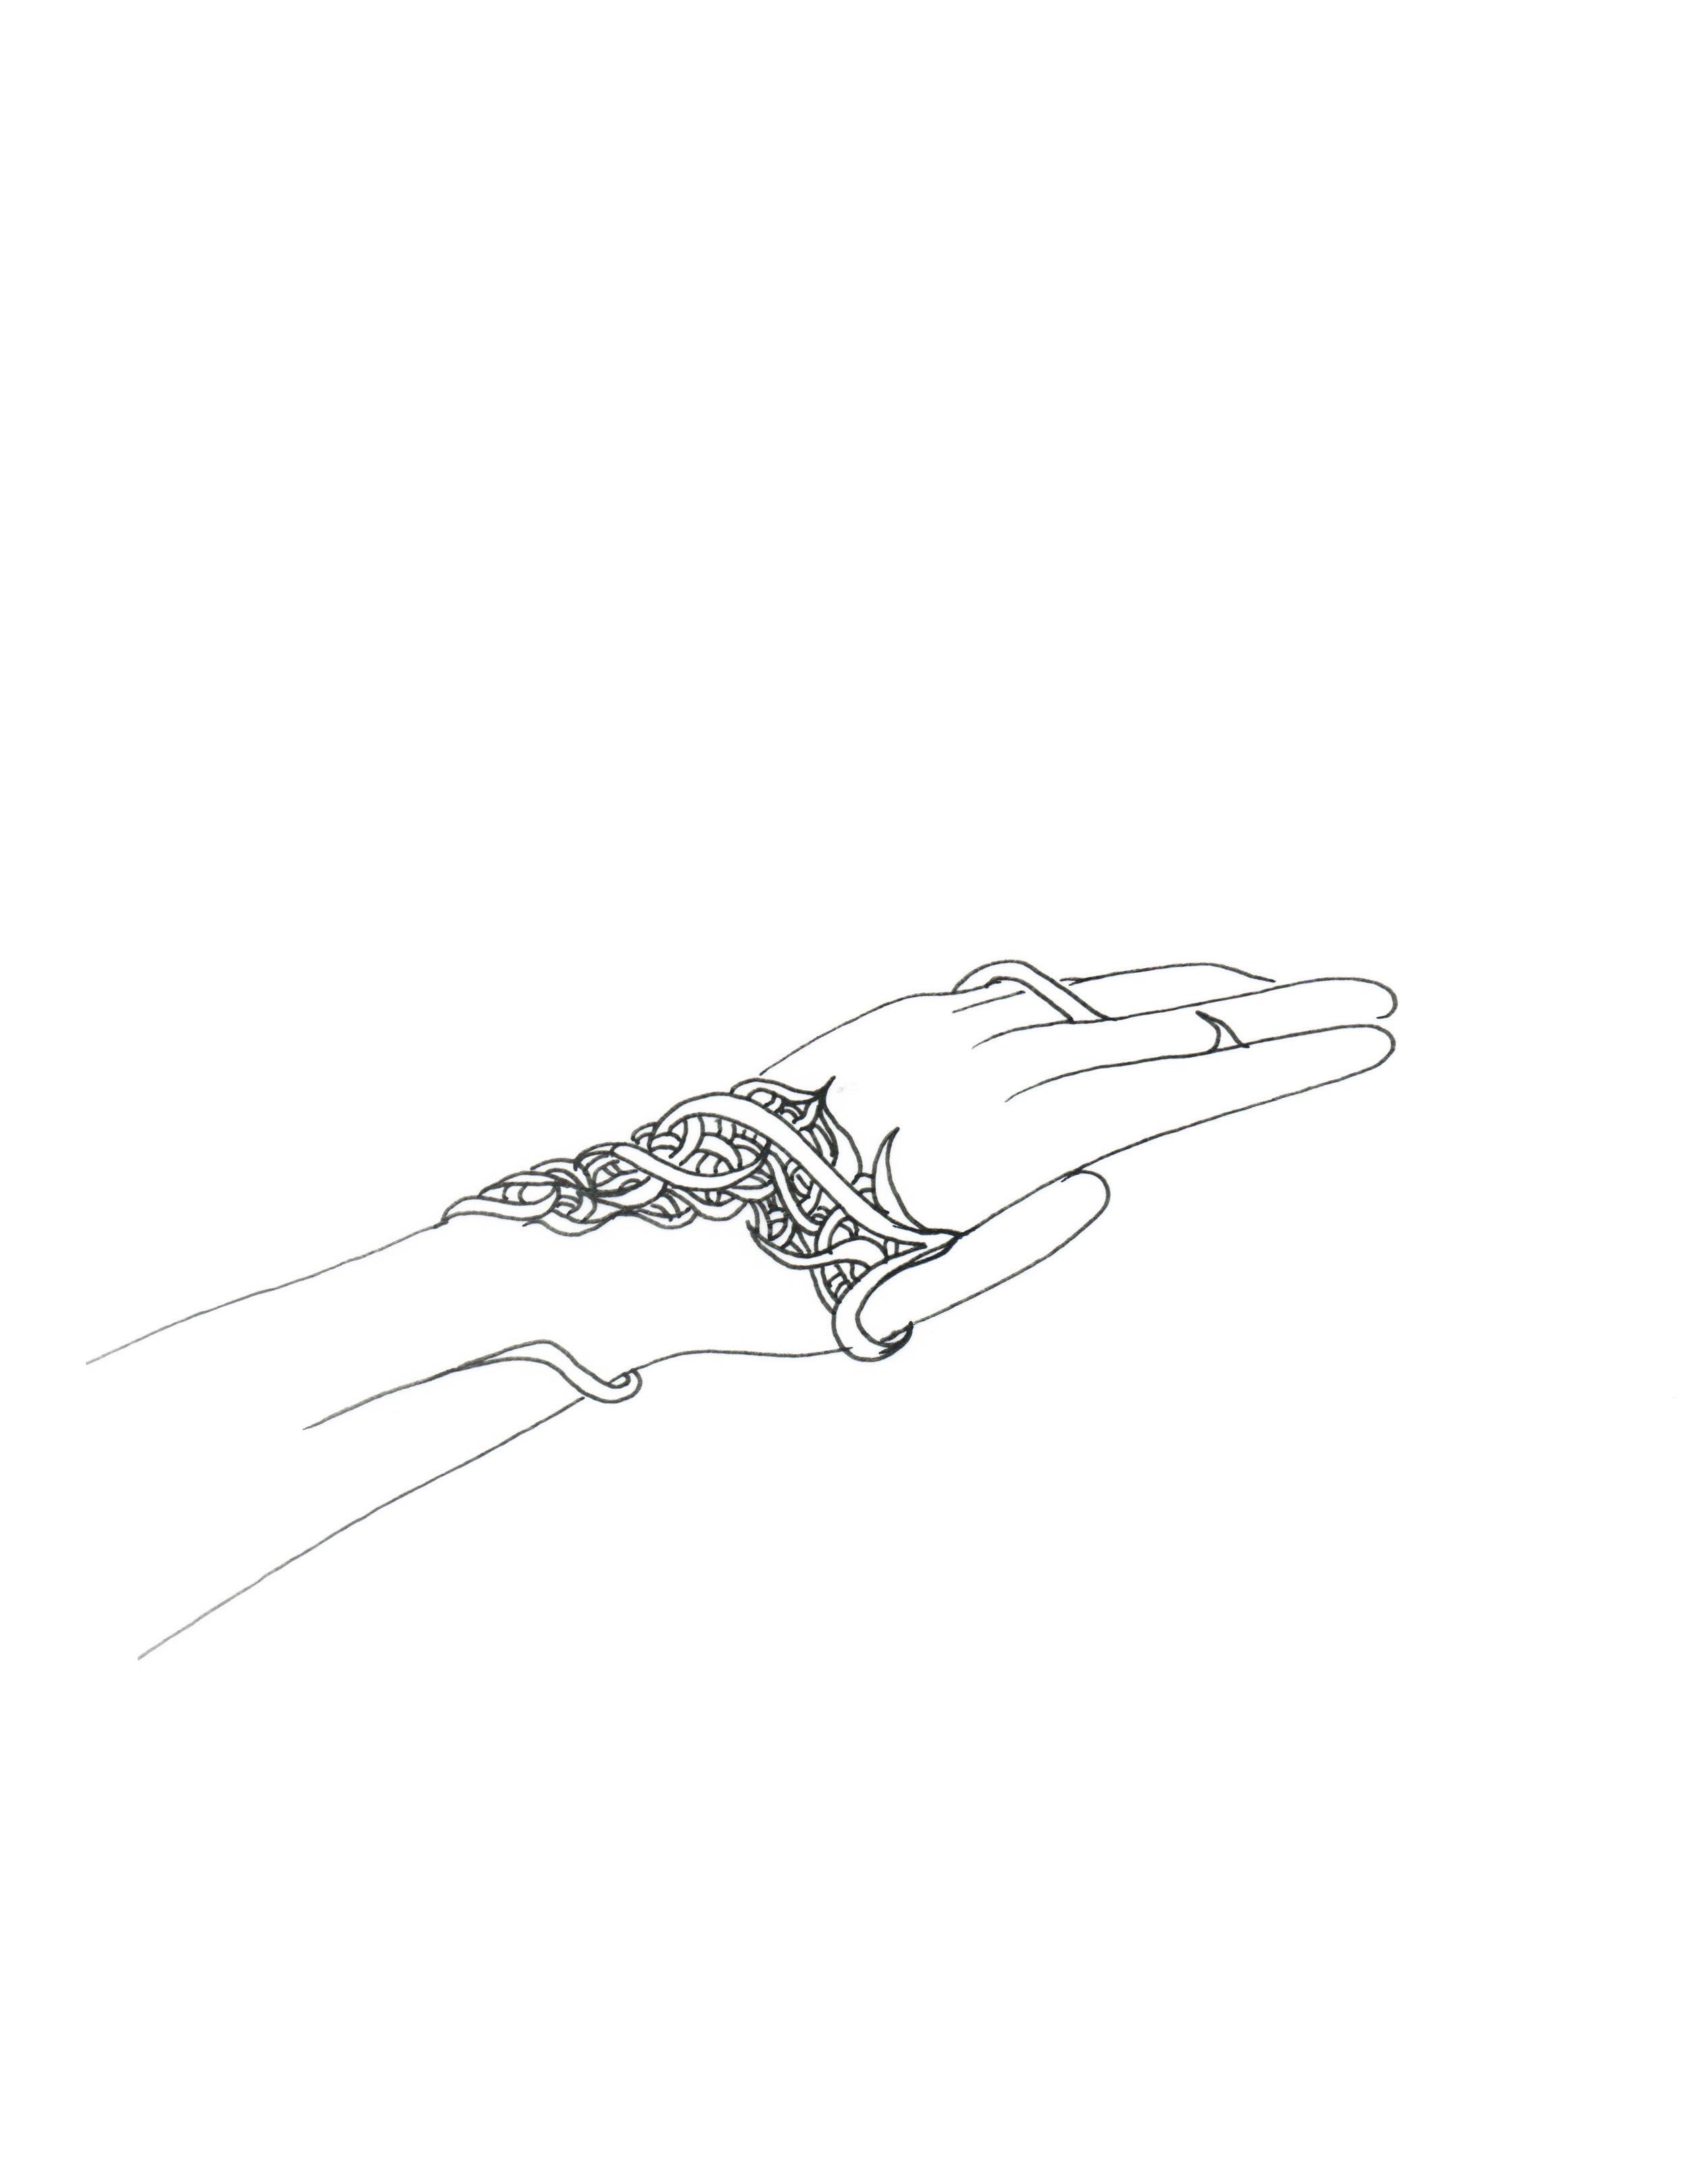 Swanson_Sarah_Eudemonia Handpiece